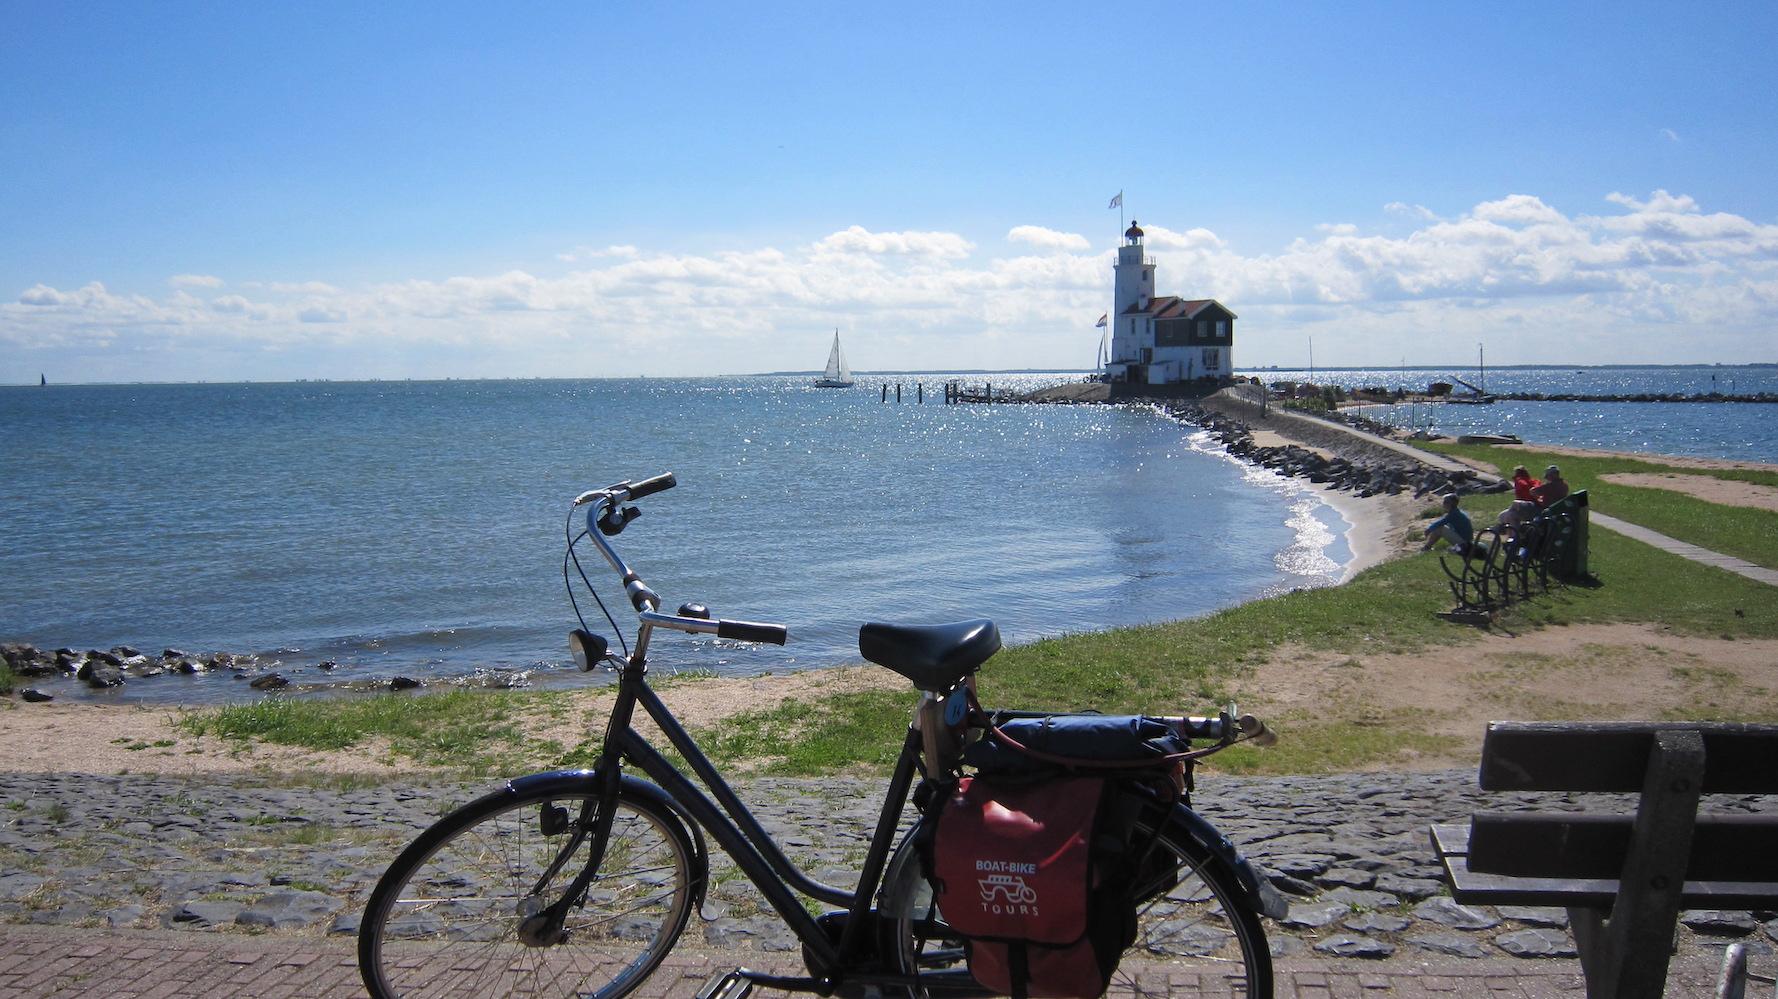 Boat Bike Tours Fahrrad am Wasser